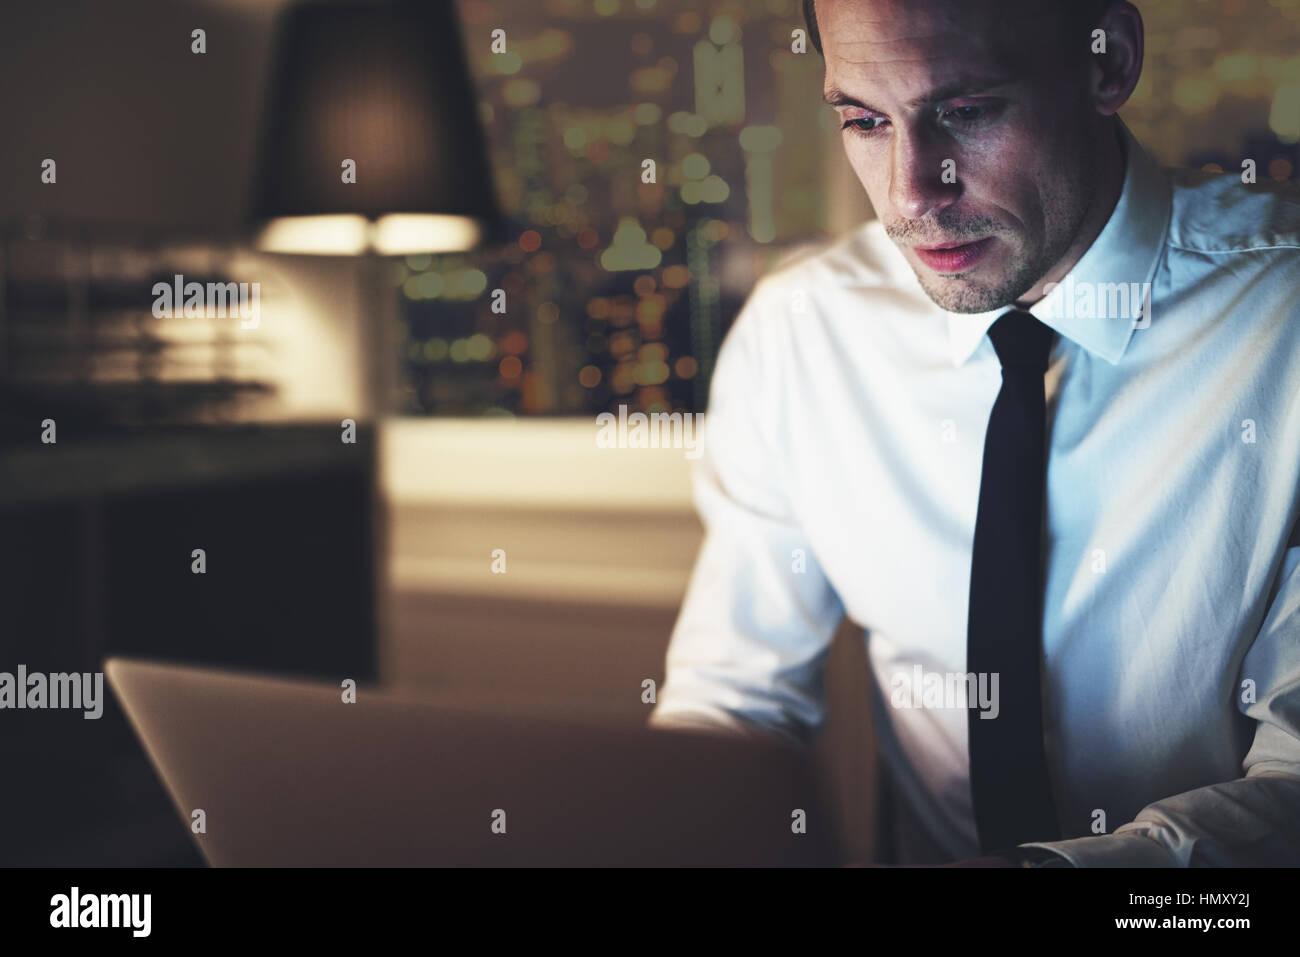 Ernst Kaufmann auf Laptop nachts sitzen im Büro suchen konzentriert arbeiten Stockbild